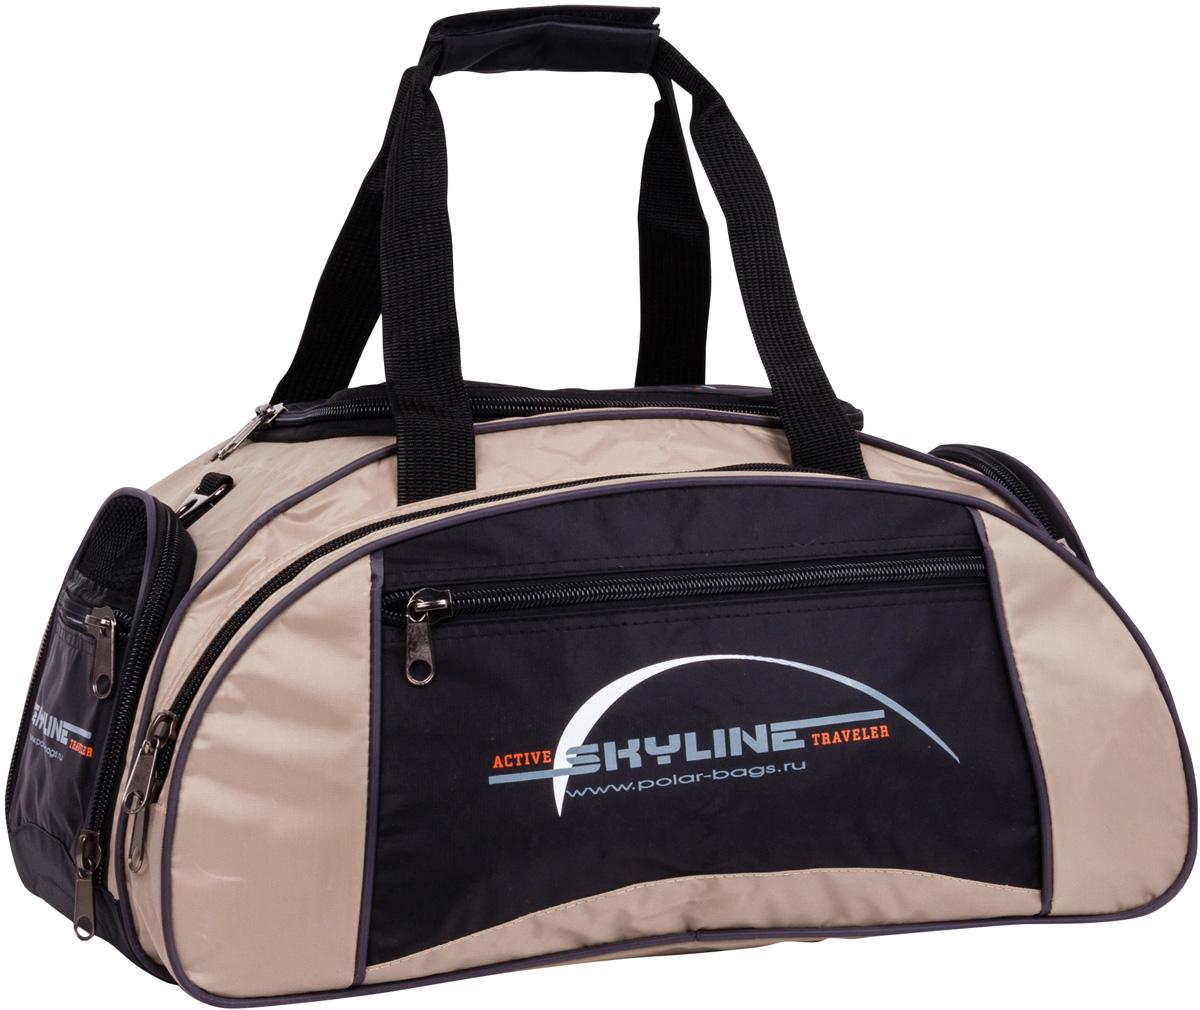 Сумка спортивная Polar Скайлайн, цвет: черный, бежевый, 36 л, 50 х 24 х 30 см. 6063Костюм Охотник-Штурм: куртка, брюкиСпортивная сумка для ваших вещей. Большое отделение под вещи, плюс три кармана снаружи сумки, позволит вместить в сумку самые необходимые вещи. Карман сбоку под обувь. Имеется плечевой ремень.